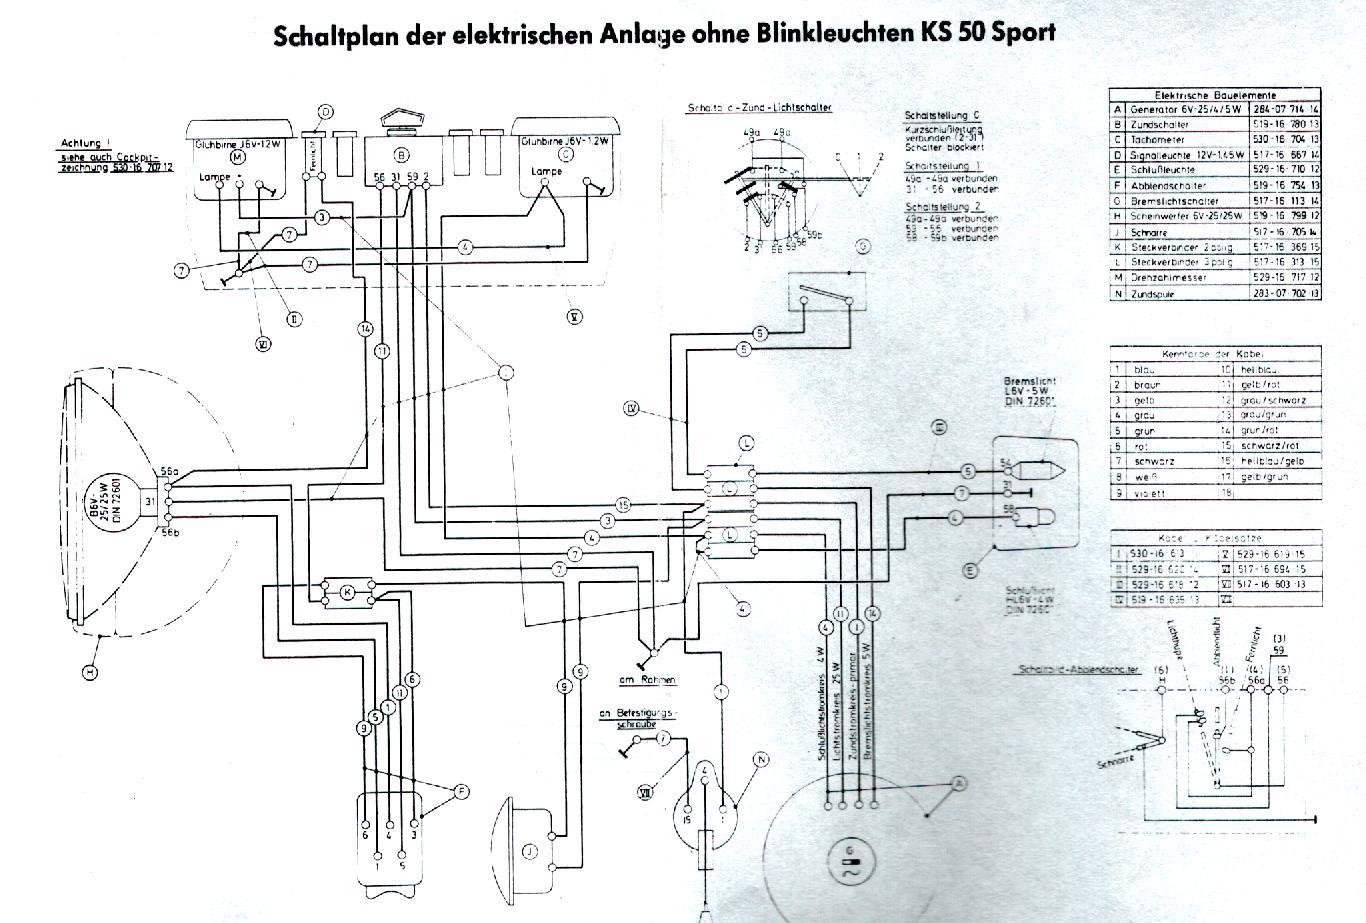 Großzügig Elektrischer Schaltplan Für Den Hausgebrauch Galerie ...